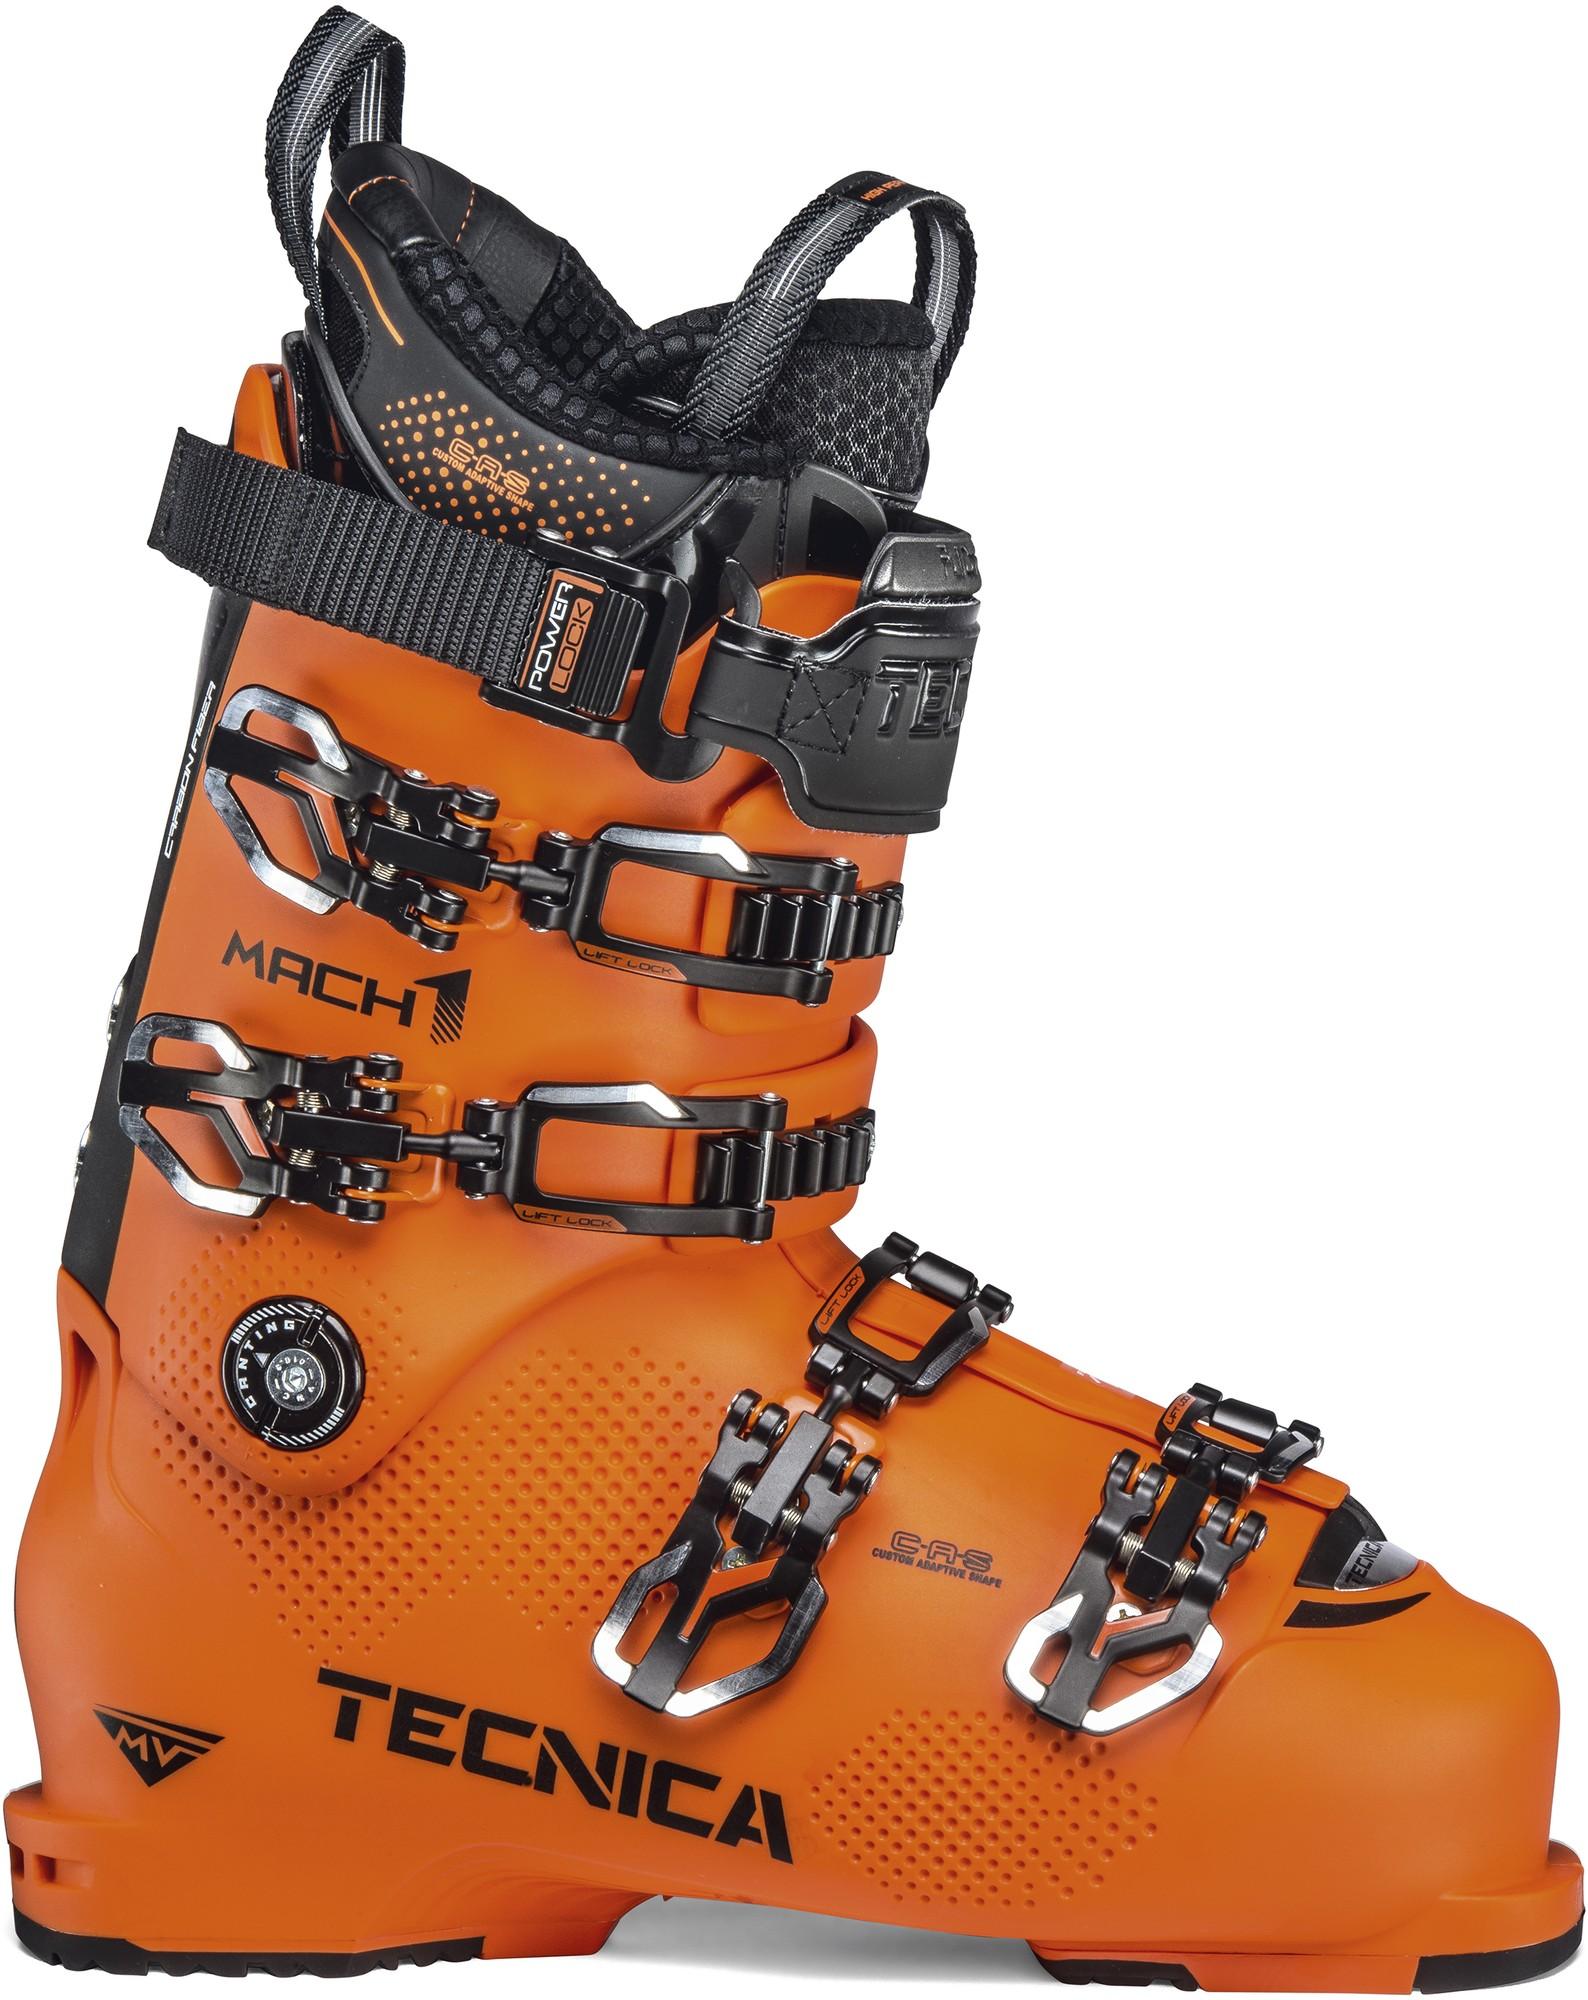 Tecnica Ботинки горнолыжные MACH1 MV 130, размер 29 см